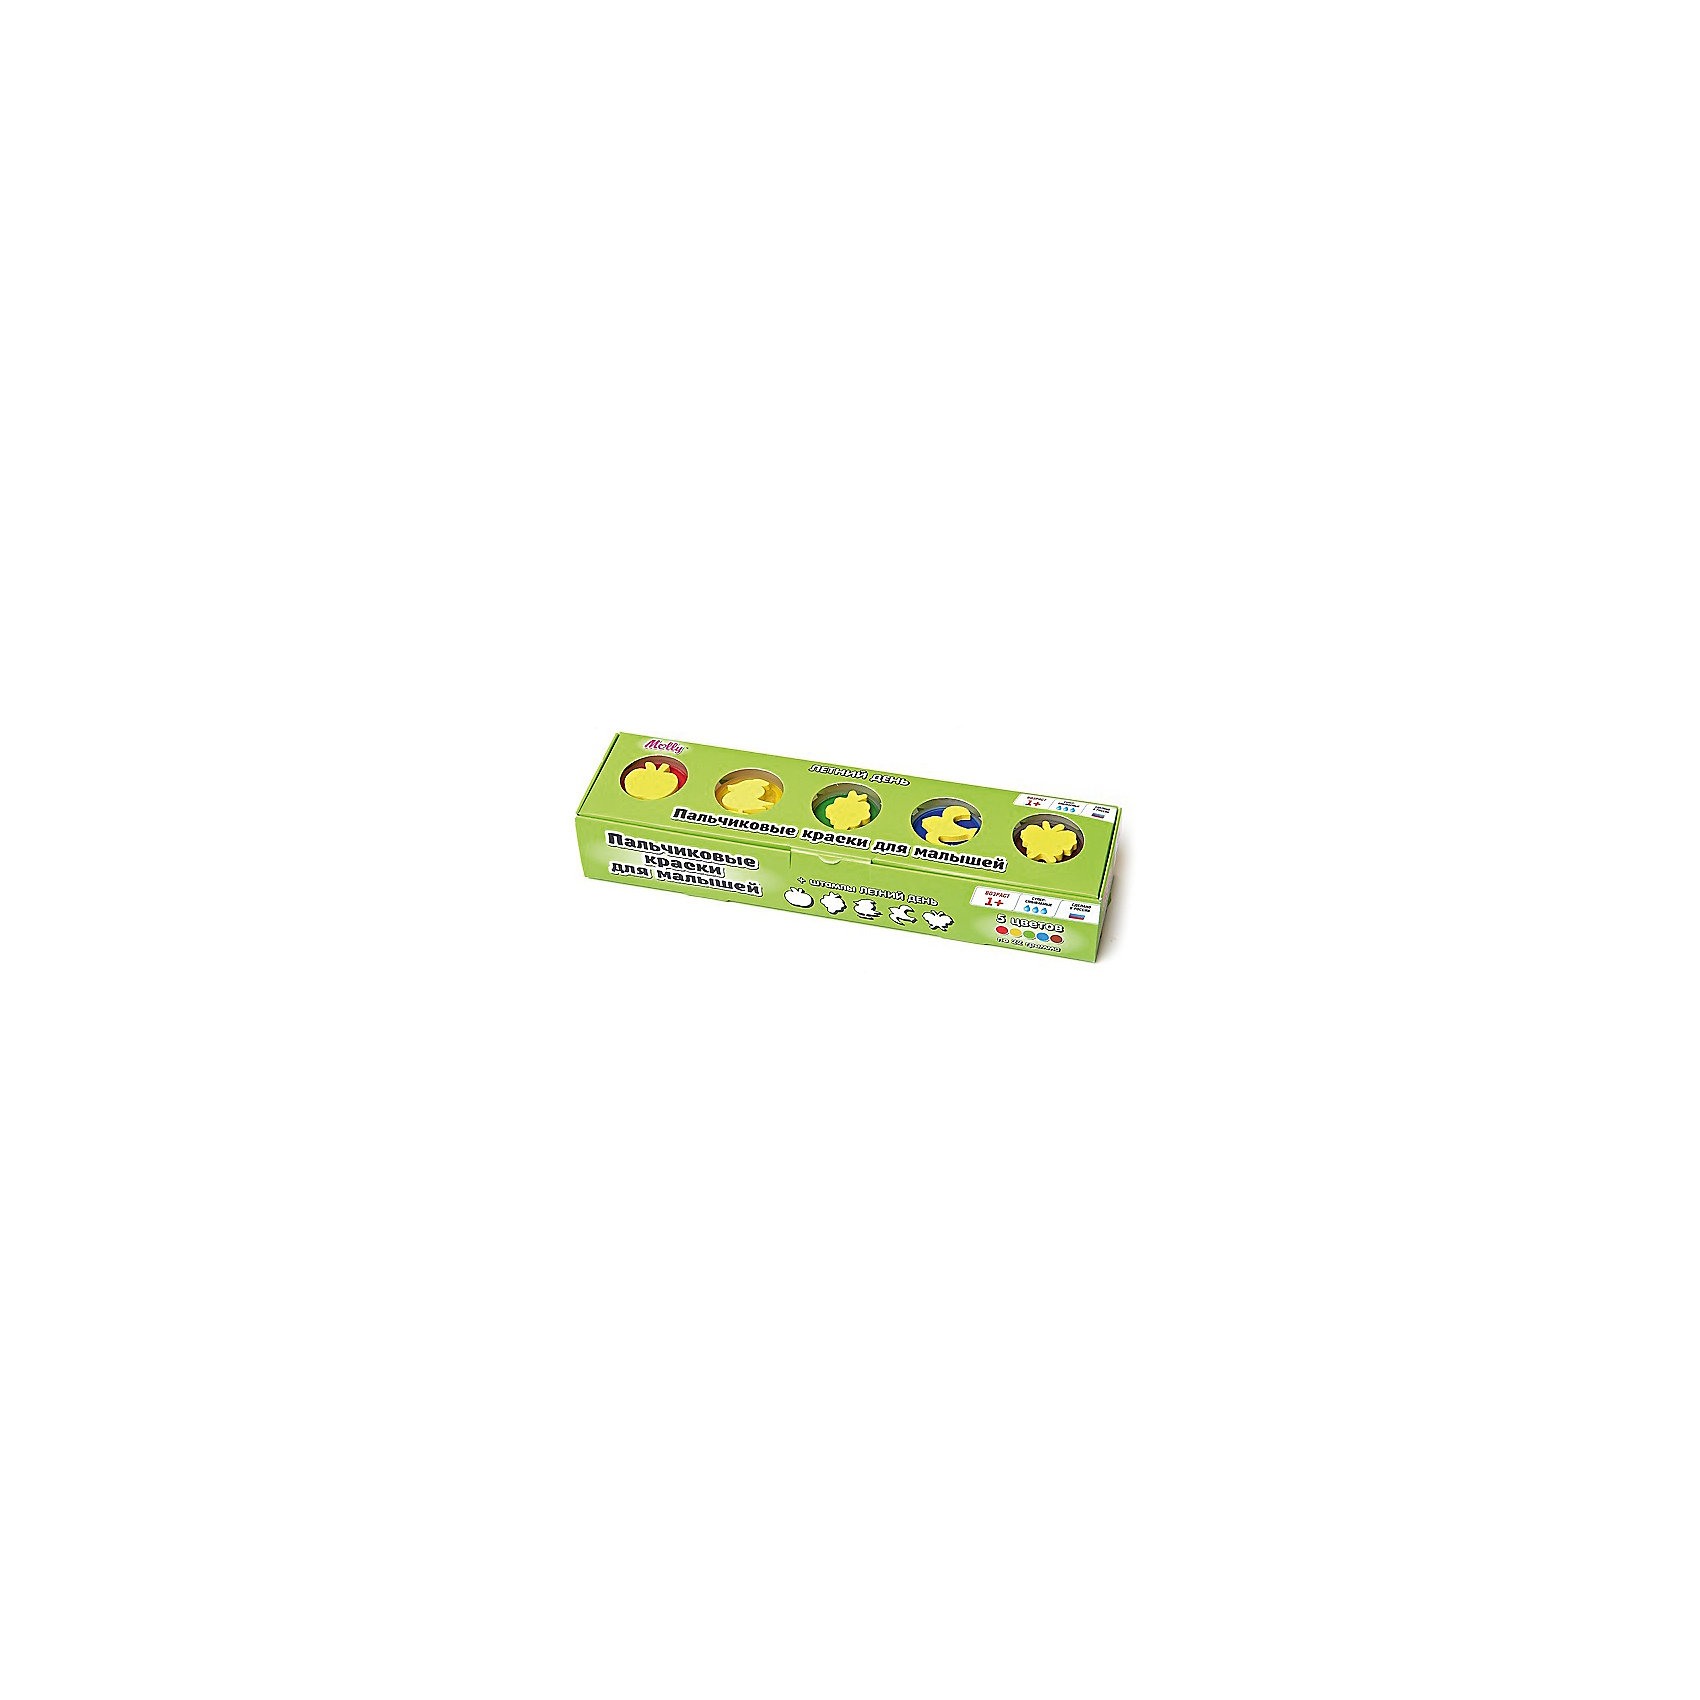 Пальчиковые краски Летний день со штампиками, 5 цветовПальчиковые краски<br>Пальчиковые краски Летний день со штампиками, 5 цветов.<br><br>Характеристика: <br><br>• Материал: пищевой краситель, целлюлозный загуститель, глицерин, мел, консервант косметический, вода питьевая. <br>• Размер упаковки: 24х6х4 см.<br>• Объем баночки: 22 мл.<br>• Количество цветов: 5.<br>• Комплектация: 5 баночек с краской, 5 штампиков. <br>• Яркие, насыщенные цвета. <br>• Краска легко смывается с одежды и рук. <br>• Безопасна при проглатывании. <br>• Отлично развивает моторику рук, внимание, мышление и воображение. <br>• Оригинальный фигурные штампики. <br><br>Пальчиковые краски - идеальный вариант для самых юных и активных художников! Краски изготовлены их высококачественных нетоксичных материалов абсолютно безопасных для малышей. Яркие цвета и оригинальные штампики-трафареты обязательно заинтересуют кроху и подарят множество приятных творческих моментов!<br><br>Рисование - прекрасный вид детского досуга. В процессе художественной деятельности ребенок развивает моторику рук, цветовосприятие, фантазию и усидчивость, получая при этом море положительных эмоций. <br><br>Пальчиковые краски Летний день со штампиками, 5 цветов, можно купить в нашем интернет-магазине.<br><br>Ширина мм: 24<br>Глубина мм: 6<br>Высота мм: 4<br>Вес г: 110<br>Возраст от месяцев: 12<br>Возраст до месяцев: 36<br>Пол: Унисекс<br>Возраст: Детский<br>SKU: 5417577